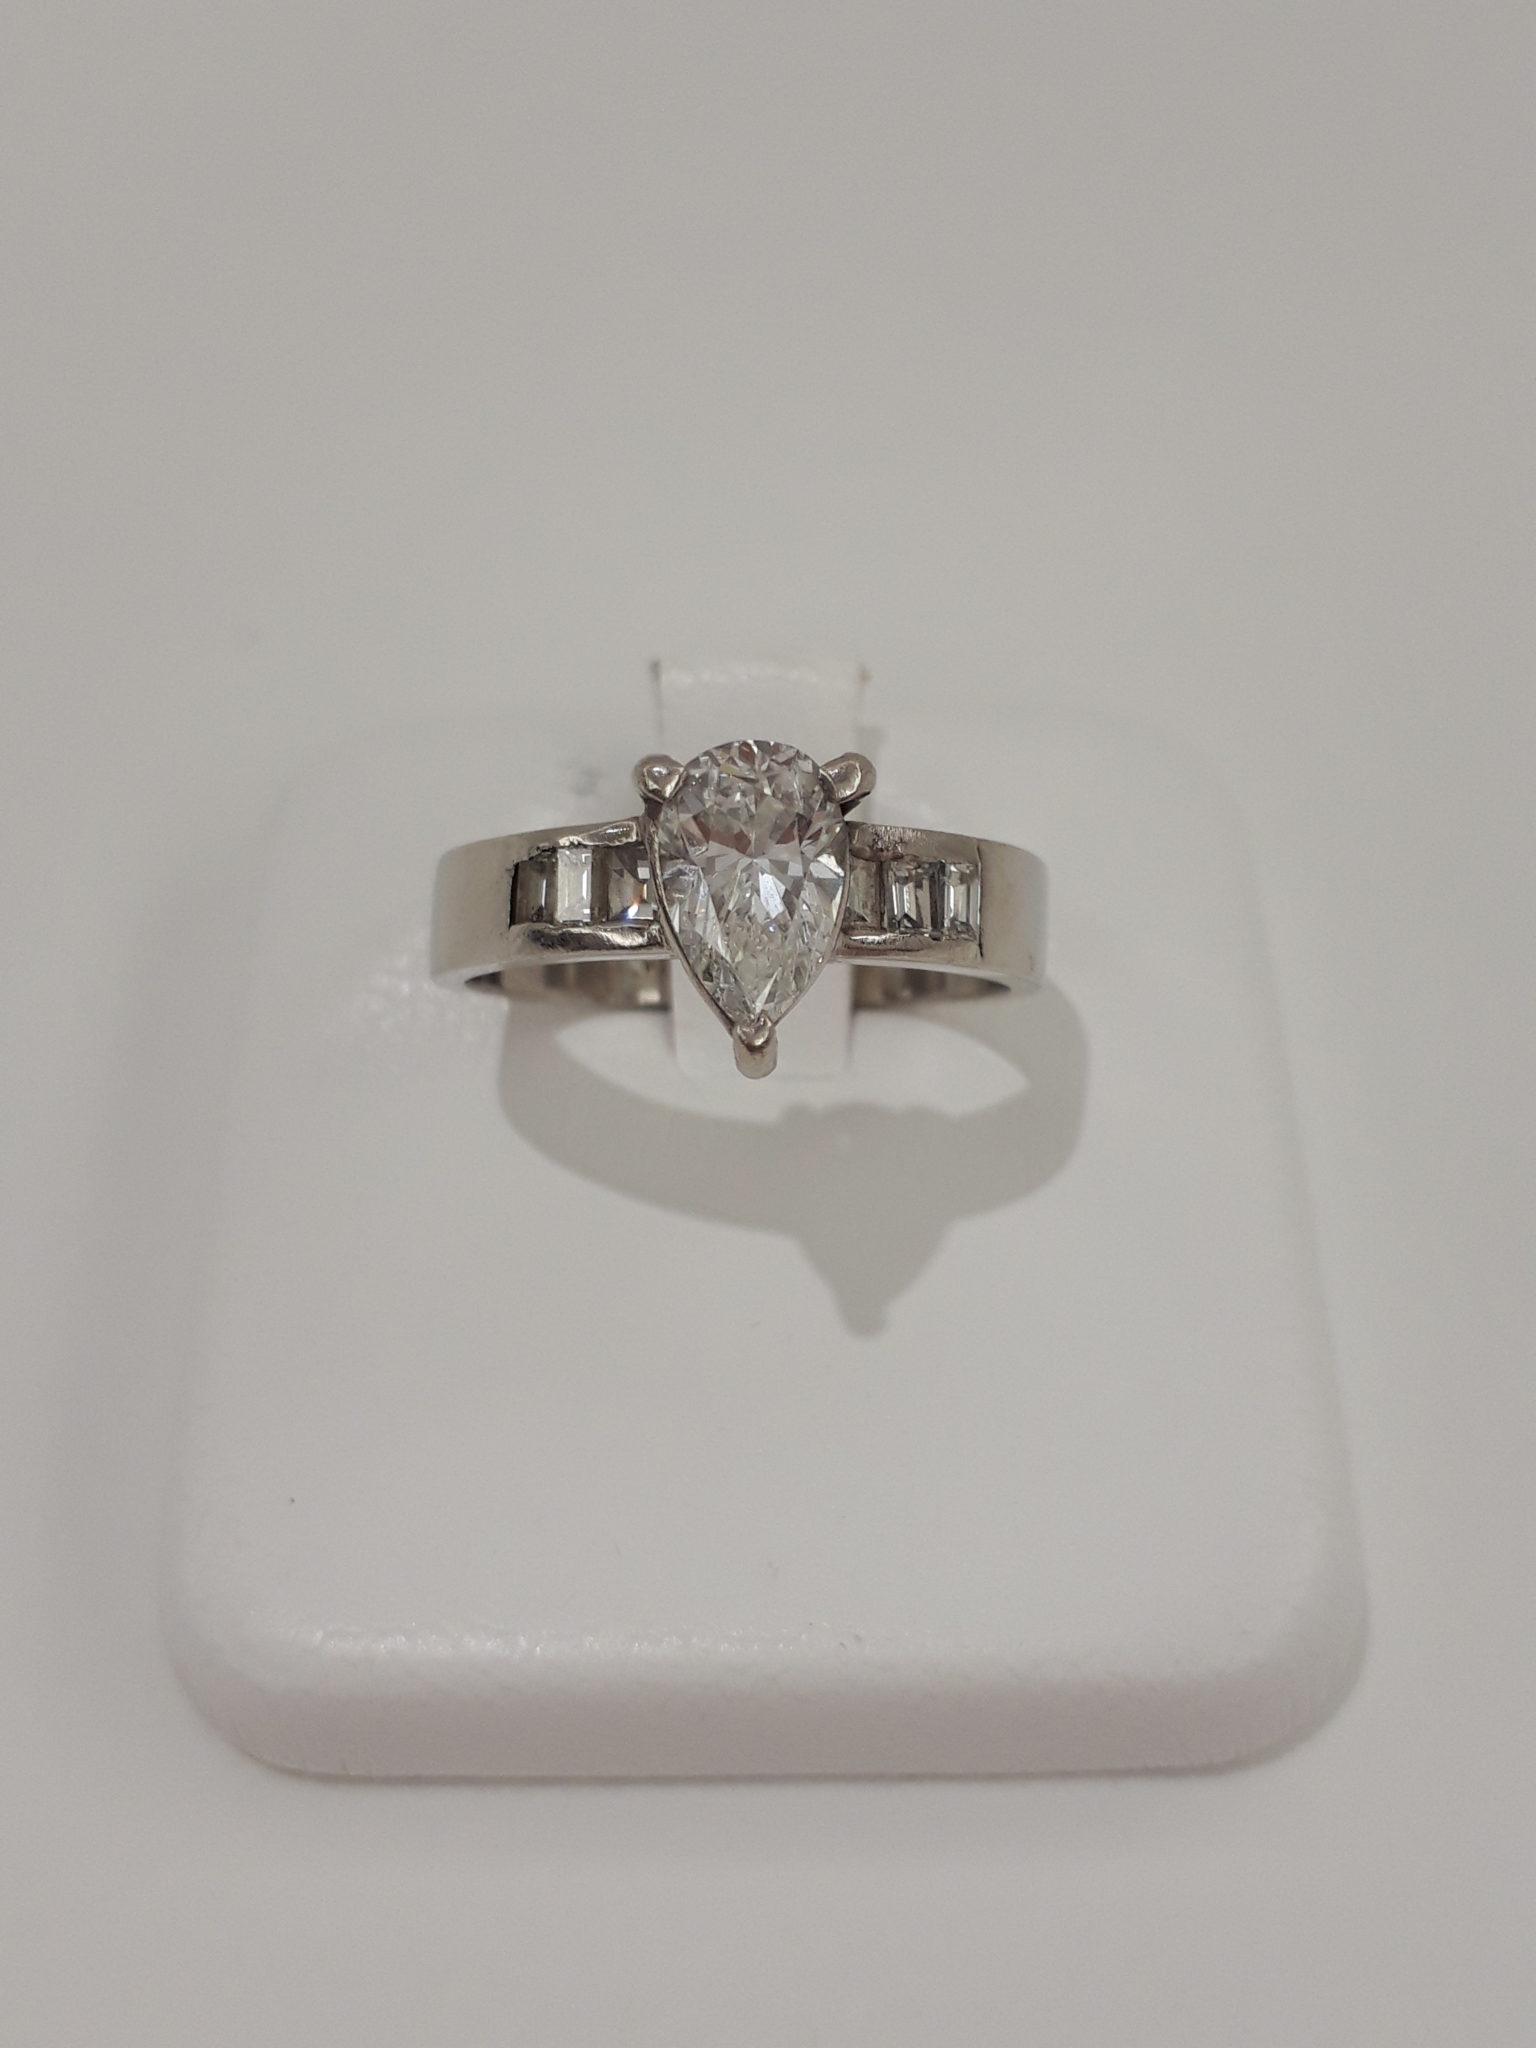 【盛岡 ダイヤモンド 買取】ダイヤモンドリング